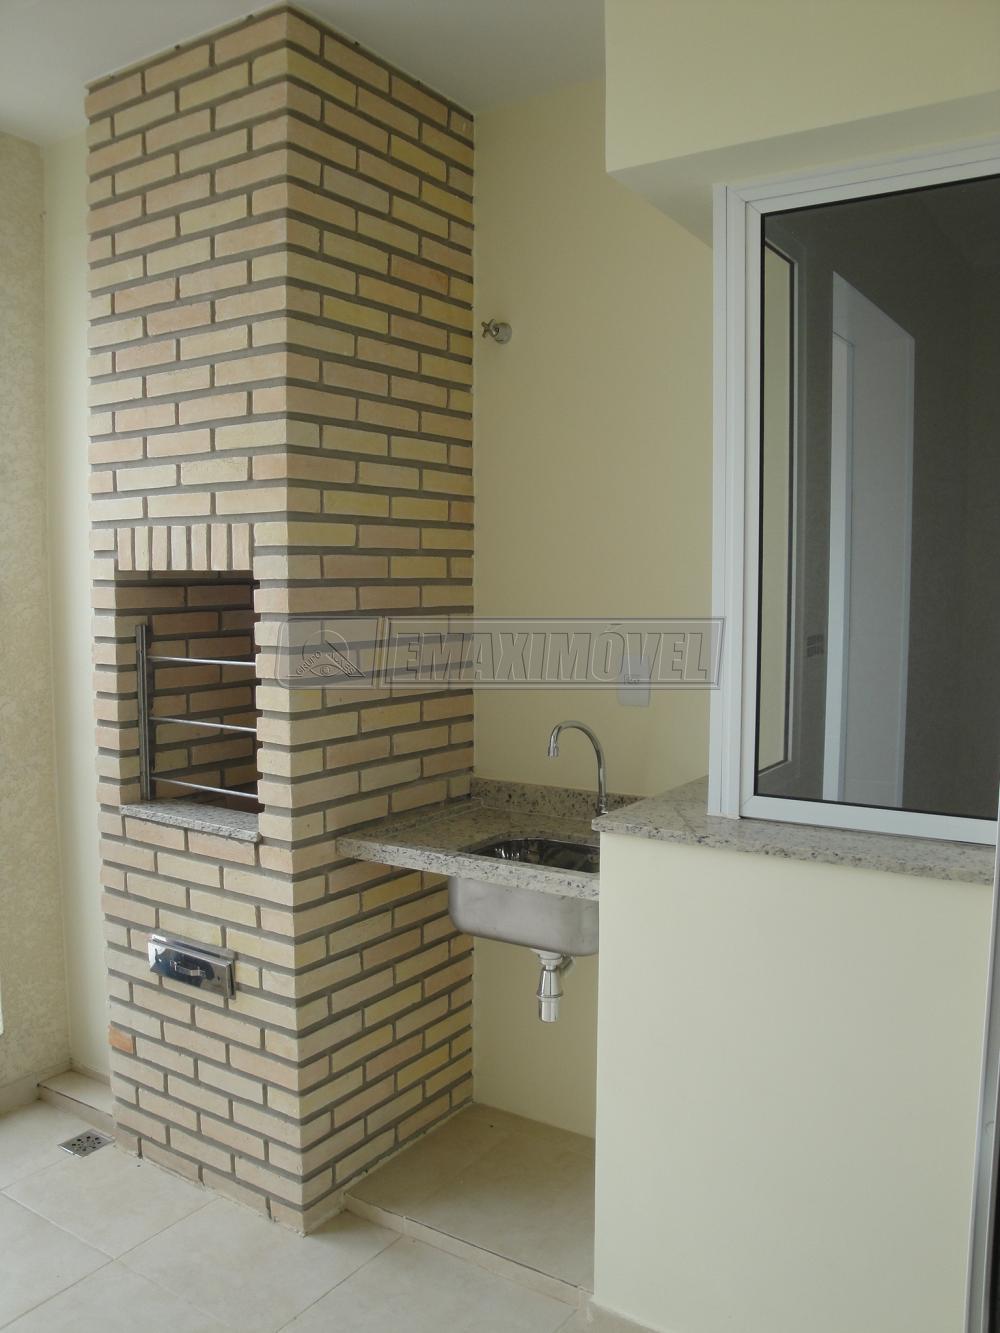 Alugar Apartamentos / Apto Padrão em Sorocaba apenas R$ 1.500,00 - Foto 6